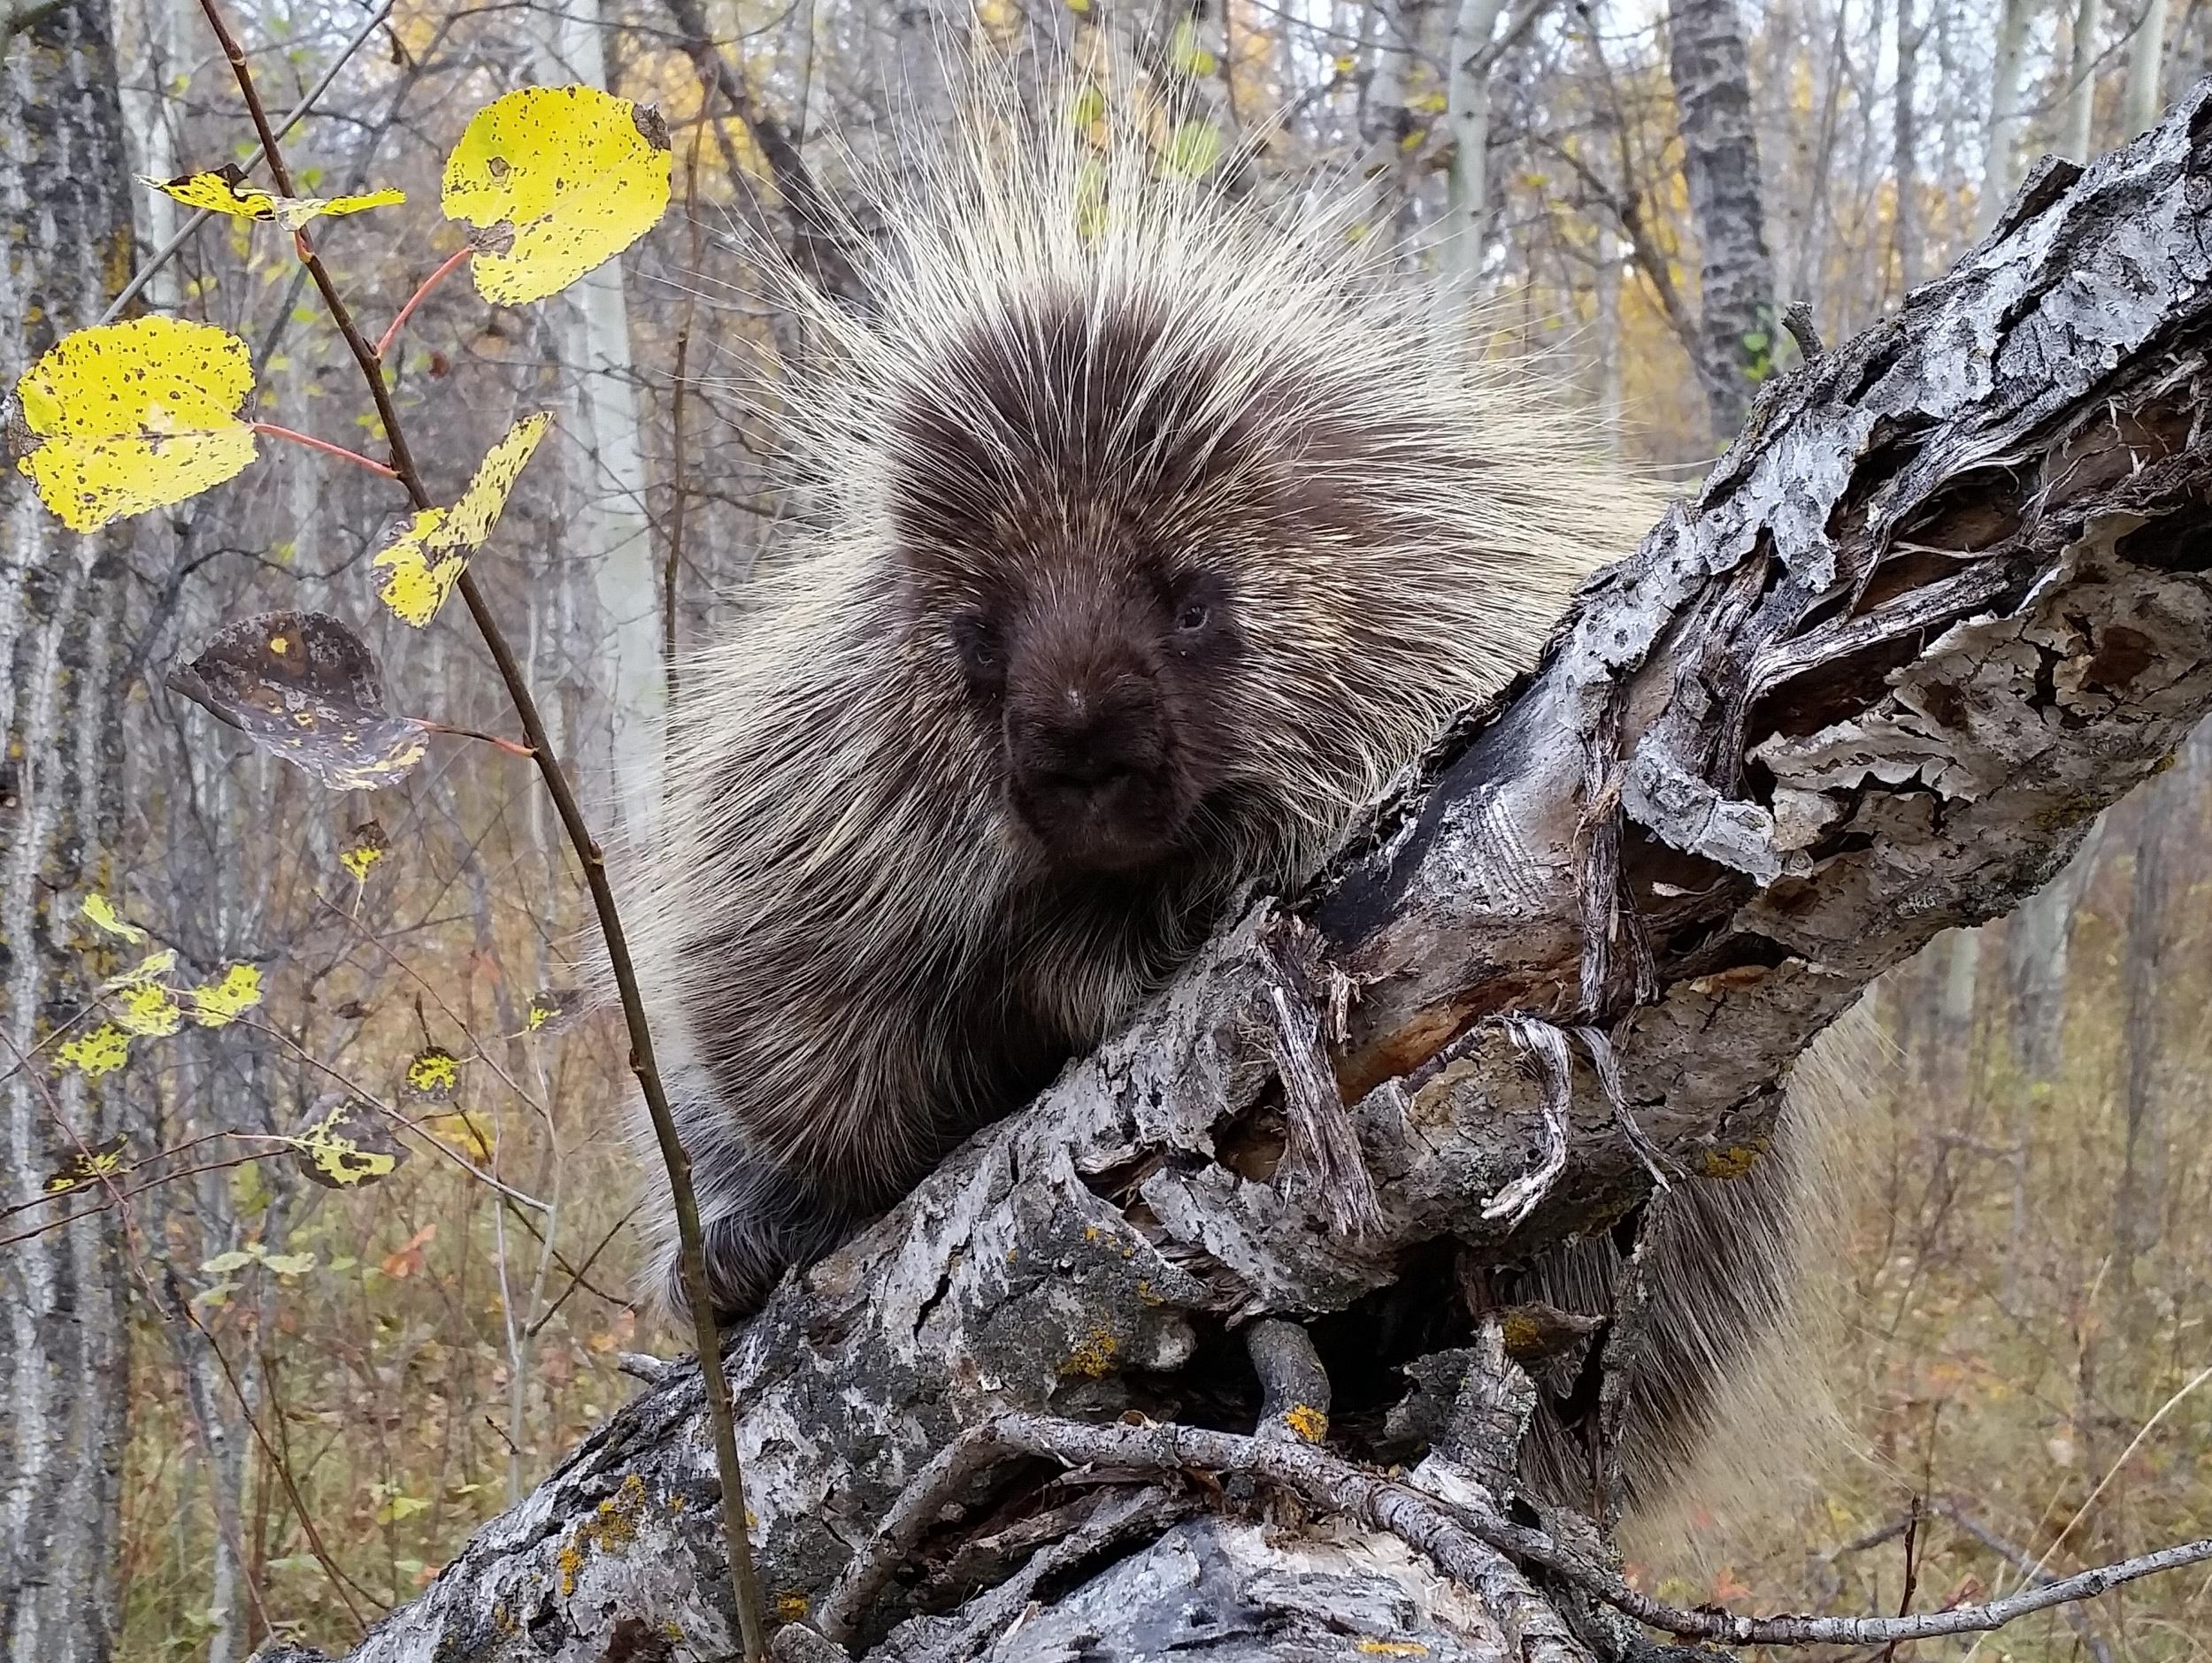 Loving A Human Porcupine - Rosennab - Medium | 752x1000